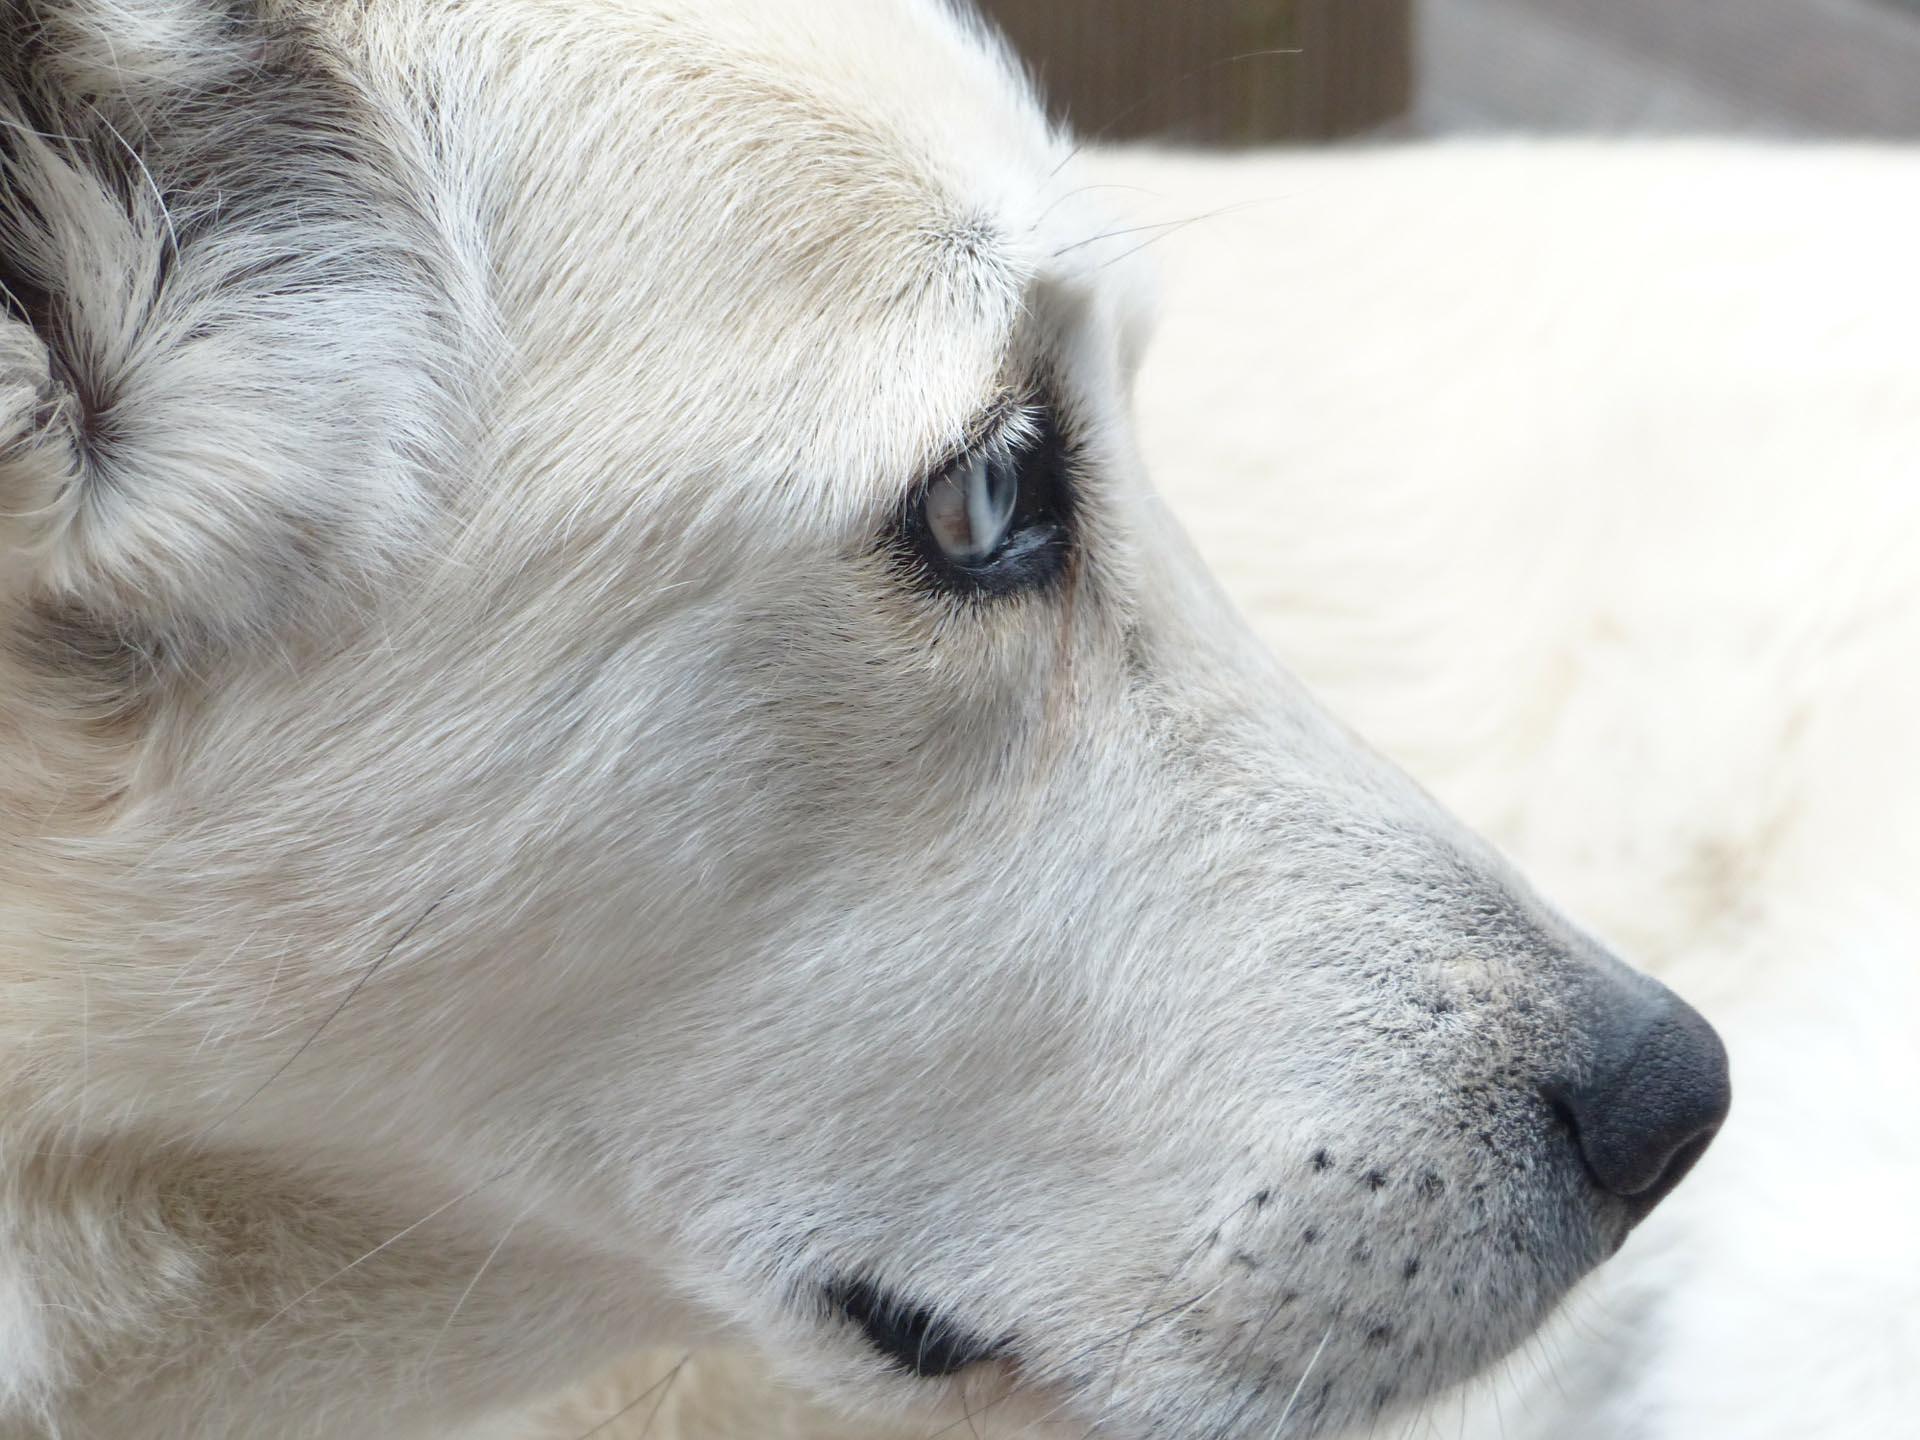 <b>Sylwestrowa noc jest wyjątkowo trudna dla zwierząt domowych, bezdomnych i...